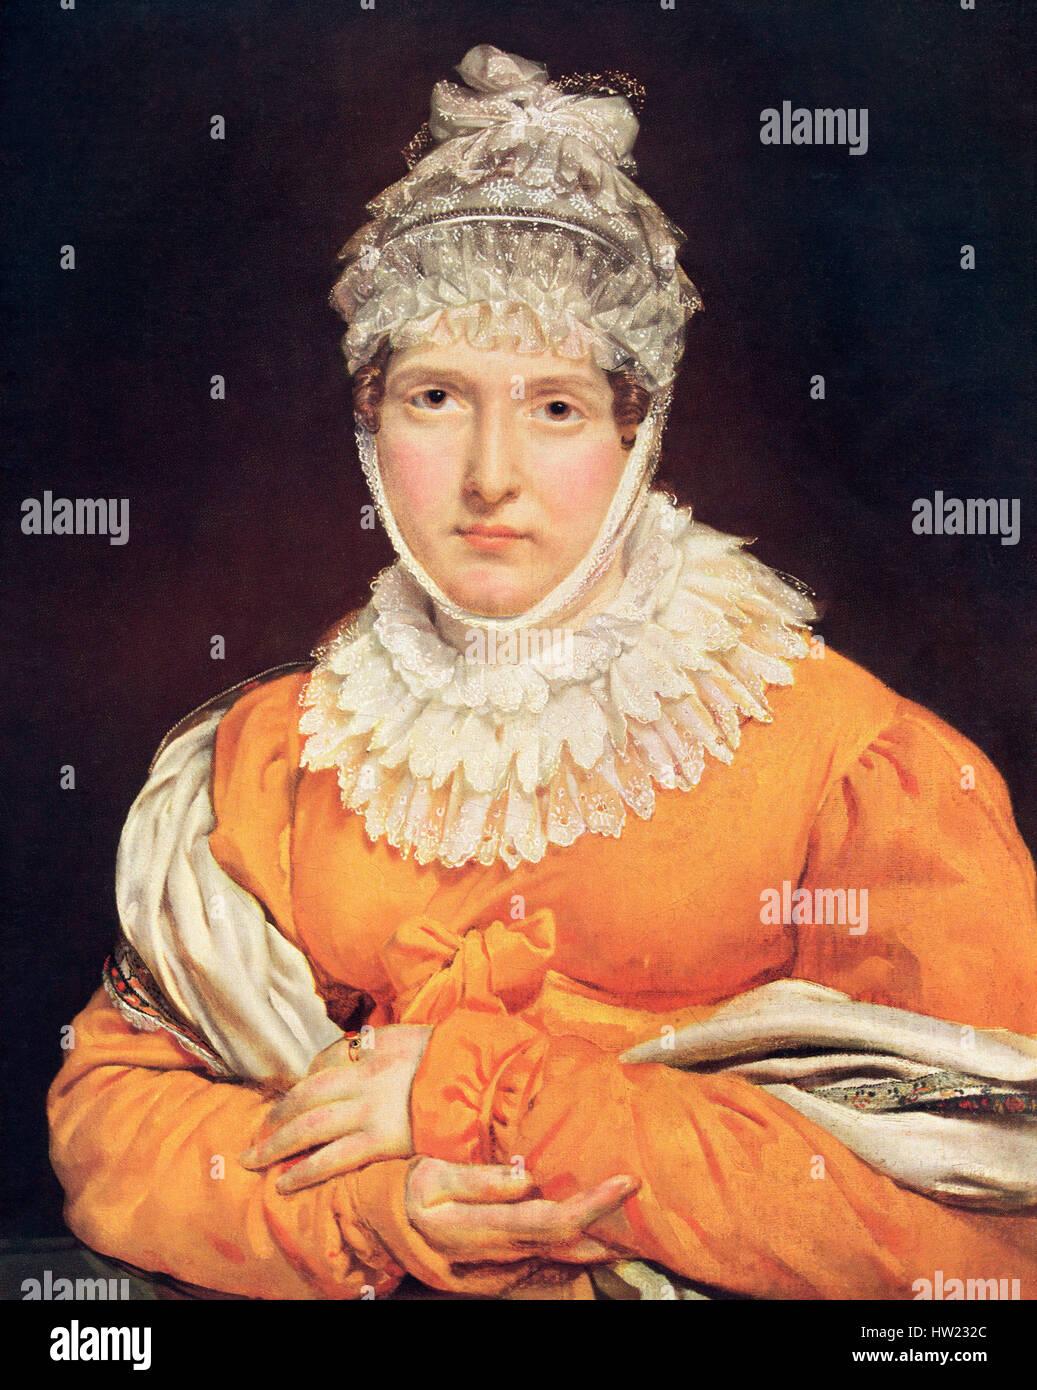 Portrait of Jeanne-Françoise Julie Adélaïde Récamier, 1777 – 1849, aka Madame Récamier - Stock Image